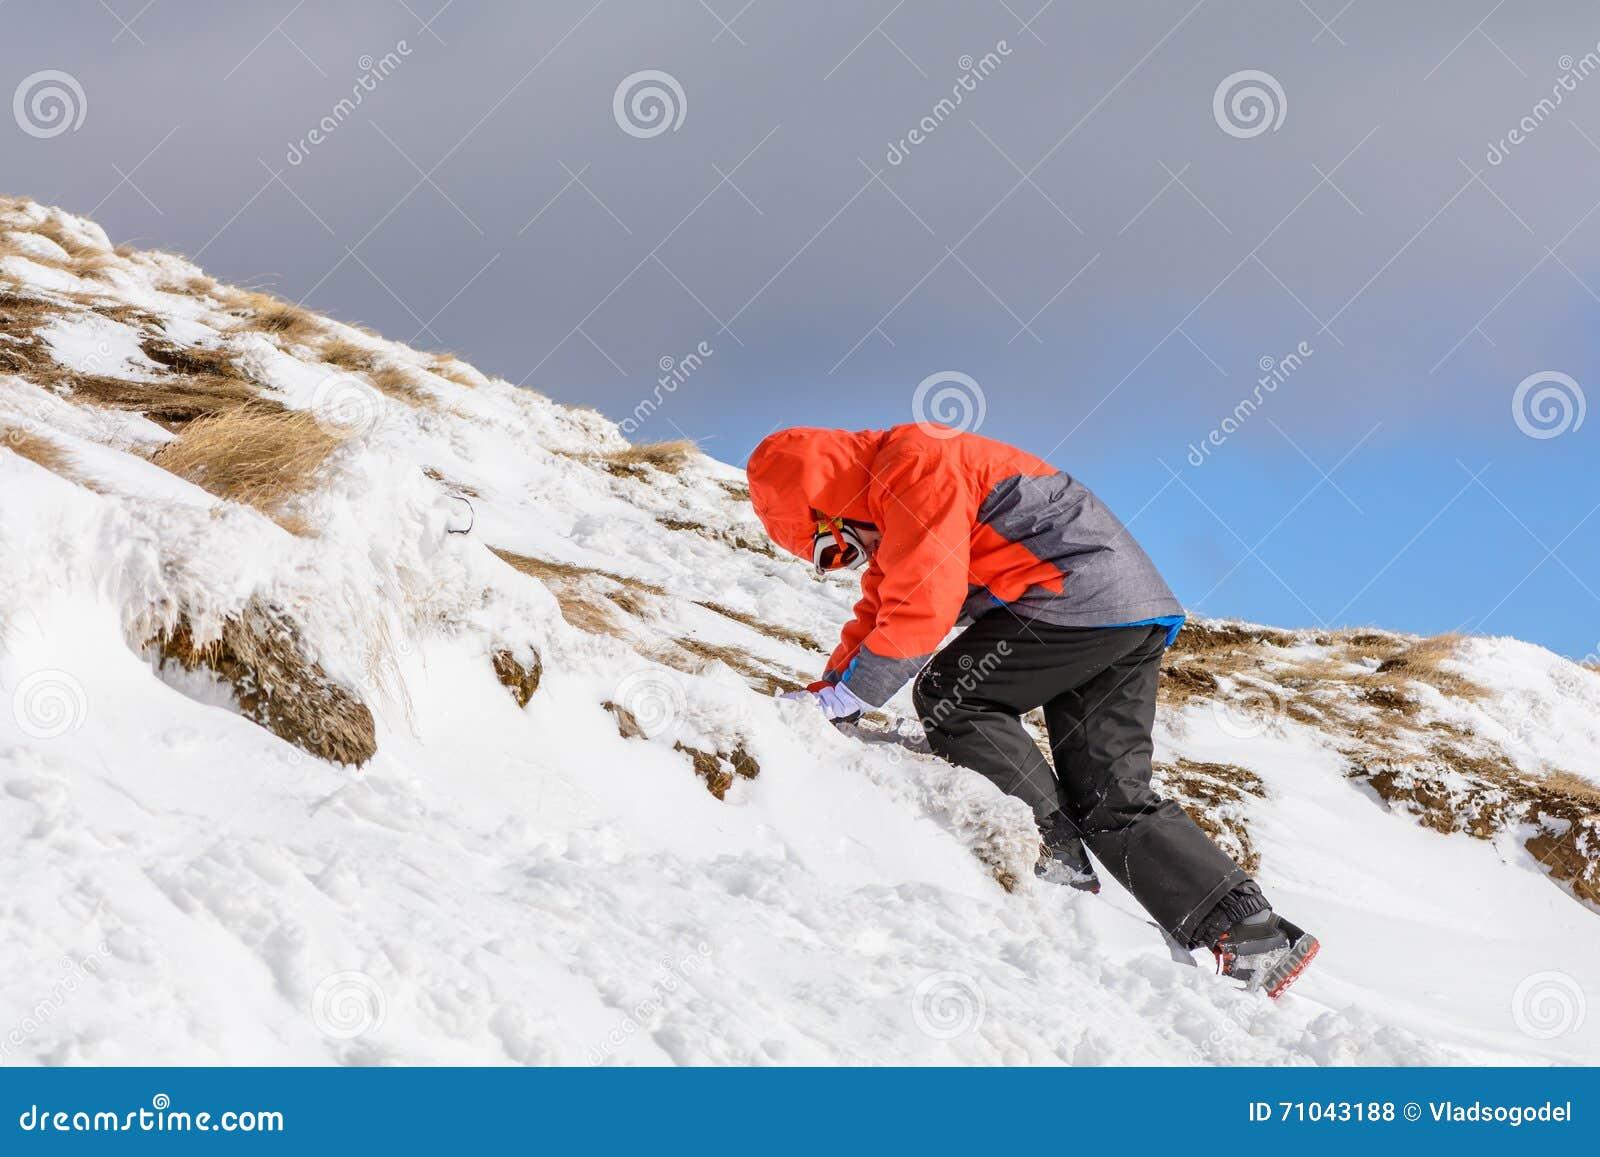 6b9a8dac3497 Boy Climbing On Mountain In Wintertime. Cute Little Kid Boy In C ...